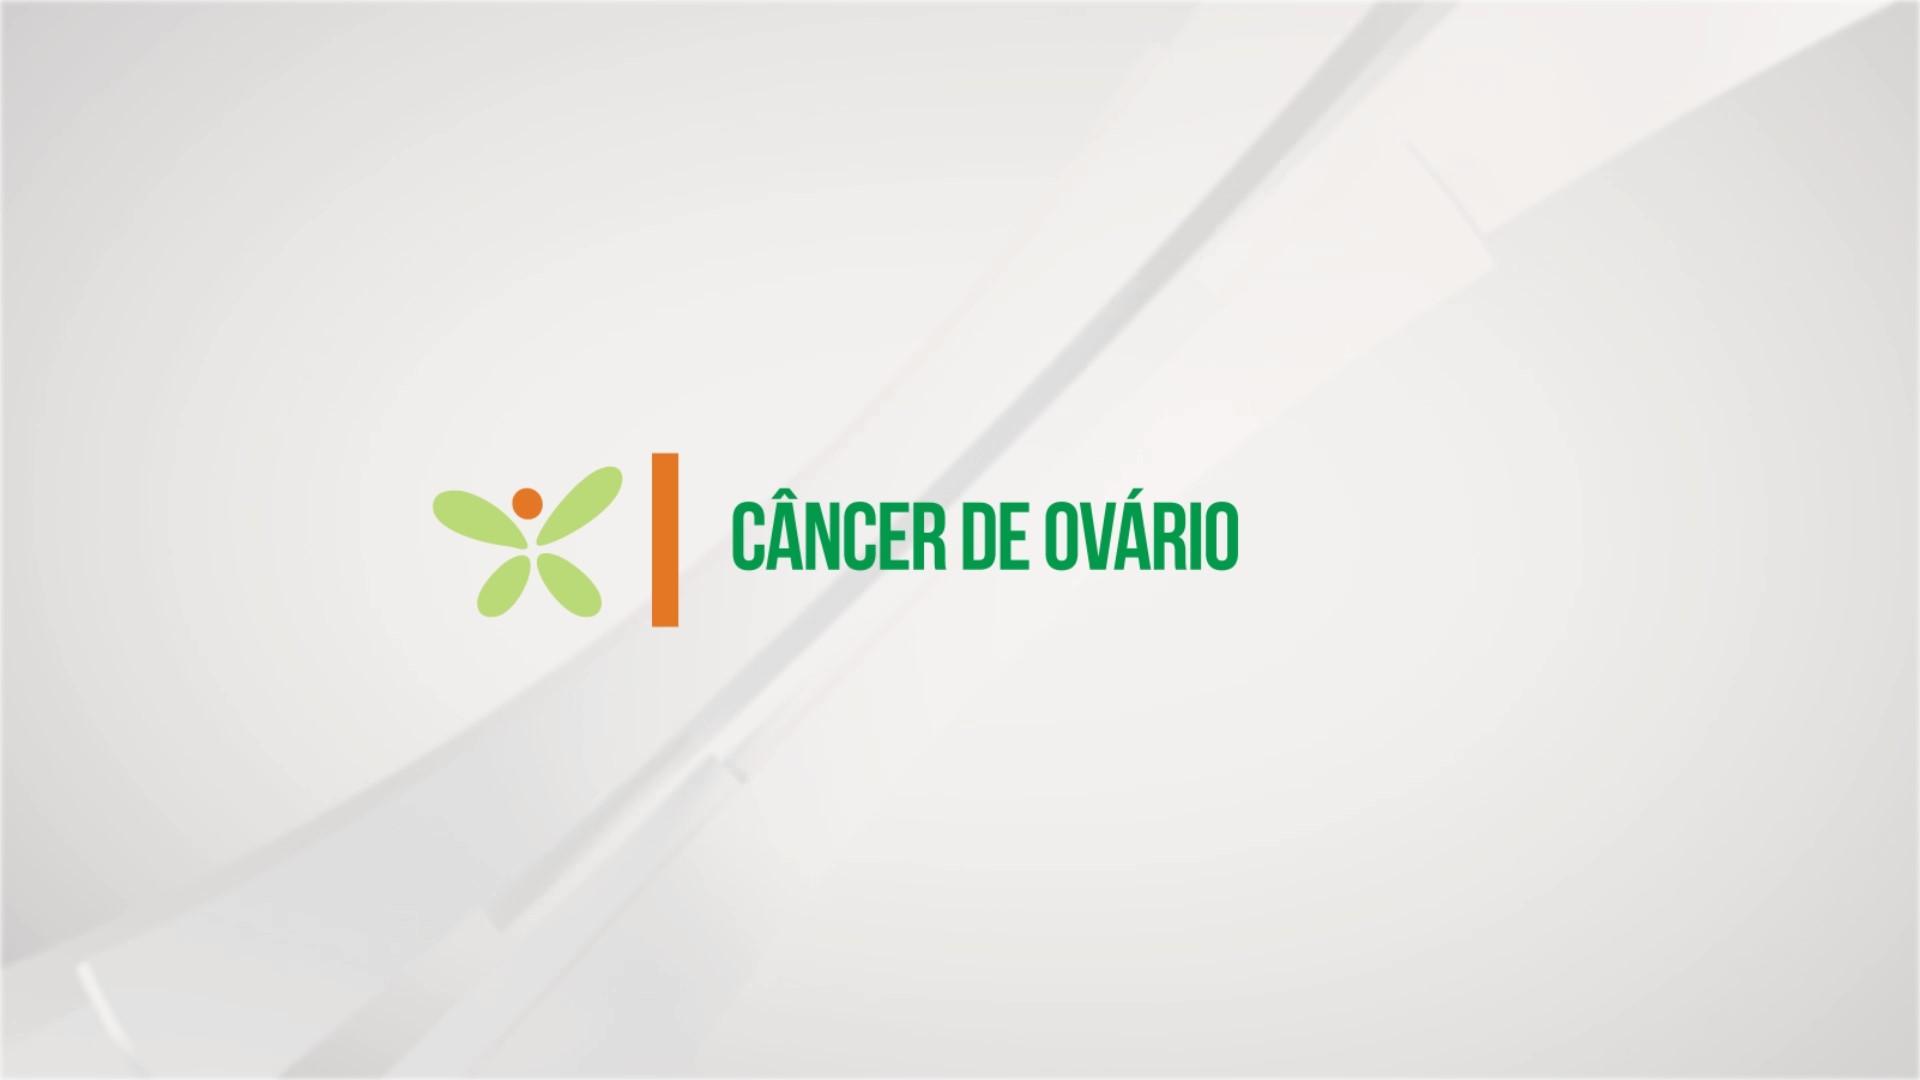 Câncer de ovário – Dra. Patrícia Mendes Arent